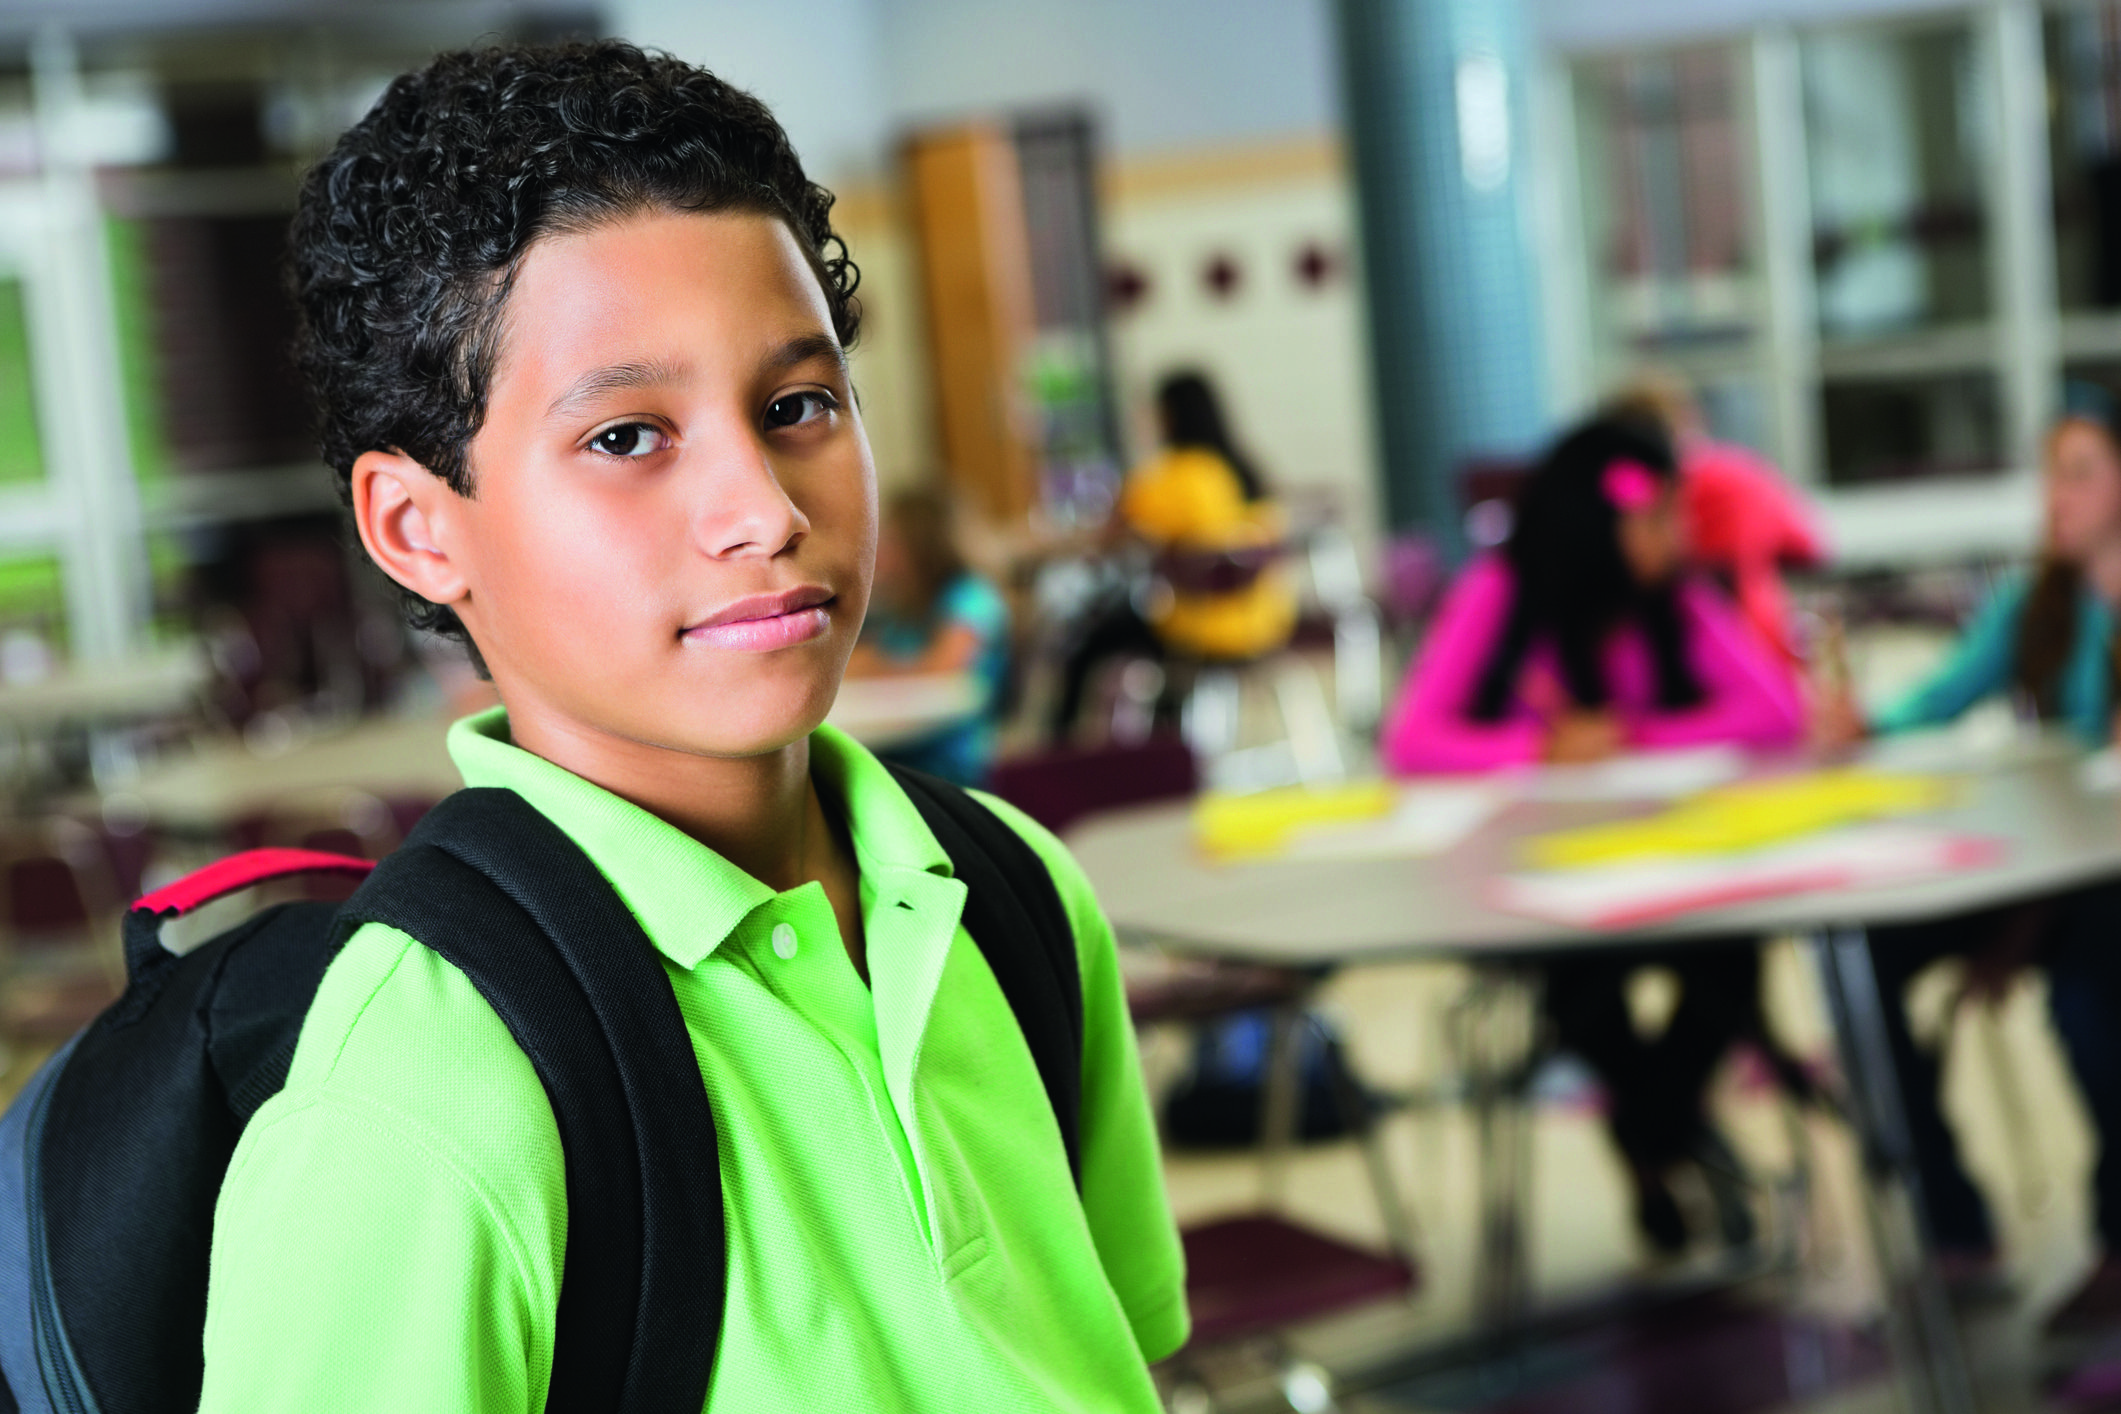 Ouders van kinderen met een ontwikkelingsprobleem die op het punt staan naar de middelbare school te gaan, maken zich vaak zorgen. Dat is zeker niet onterecht. Maar veel problemen zijn te voorkomen door de overstap zorgvuldig voor te bereiden, je kind goed in de gaten te houden en op tijd aan de bel te trekken als het niet goed lijkt te gaan.